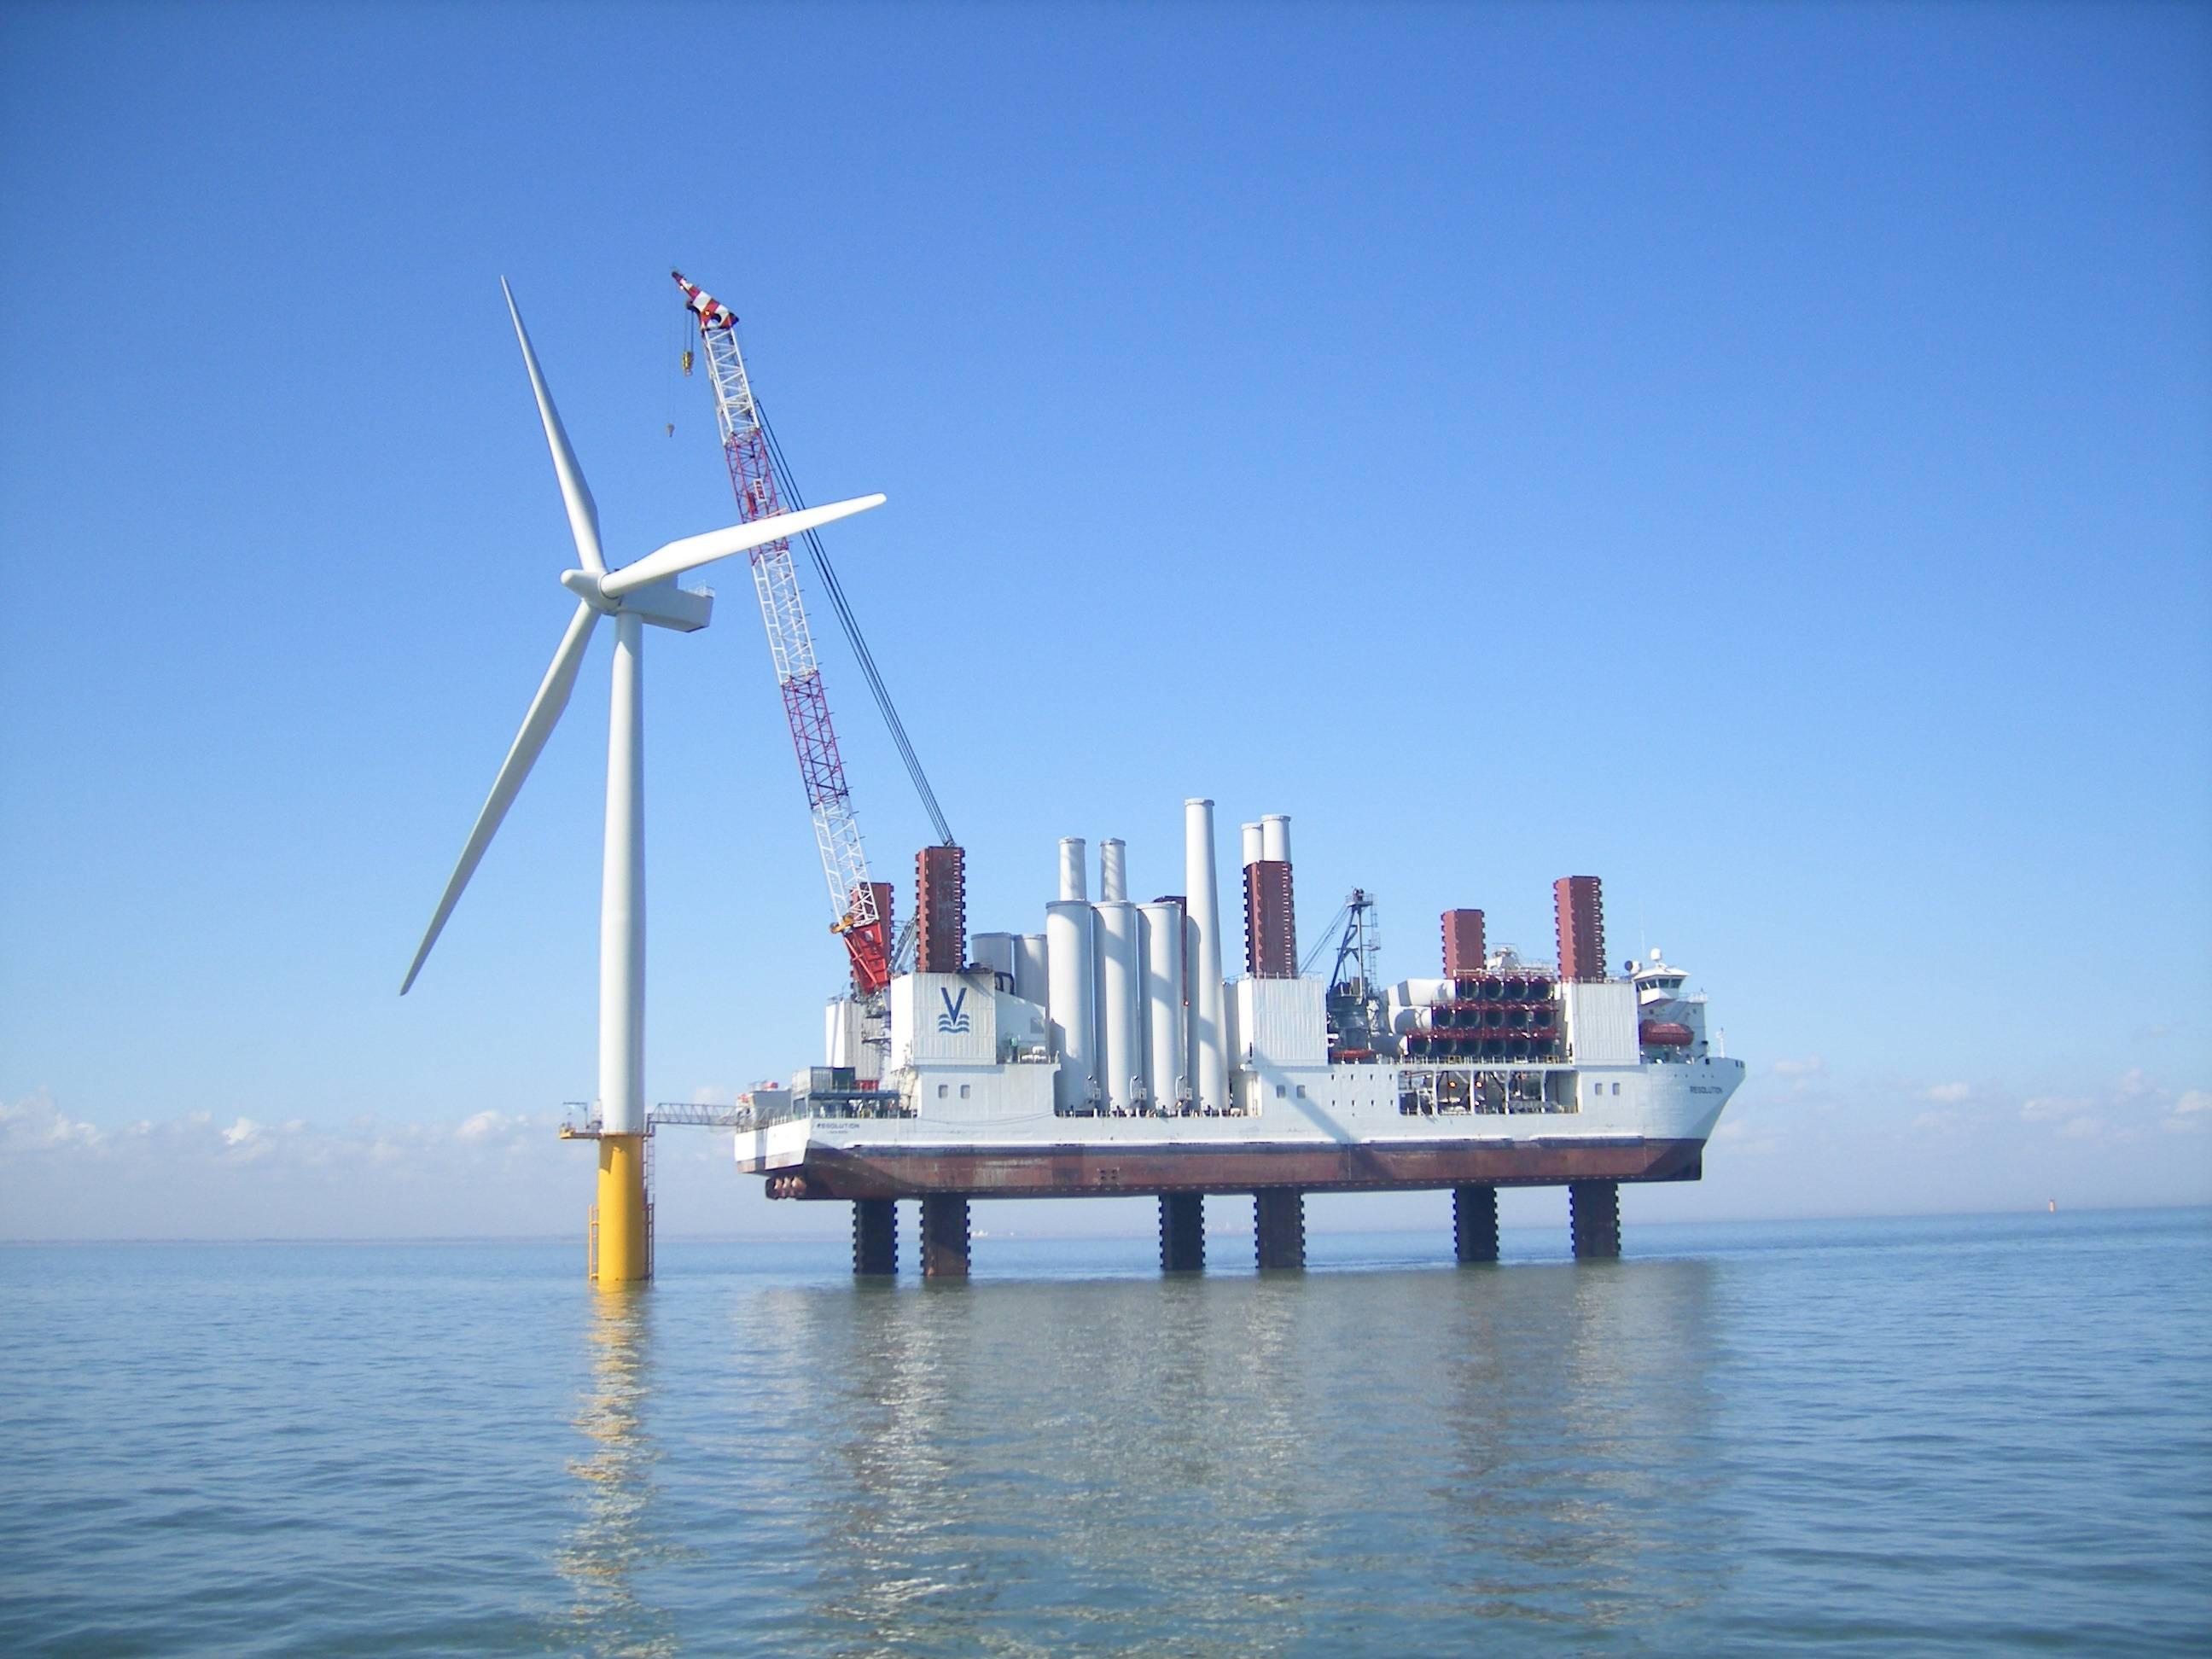 英国海上风电10年内有望实现新增电力装机中成本最低